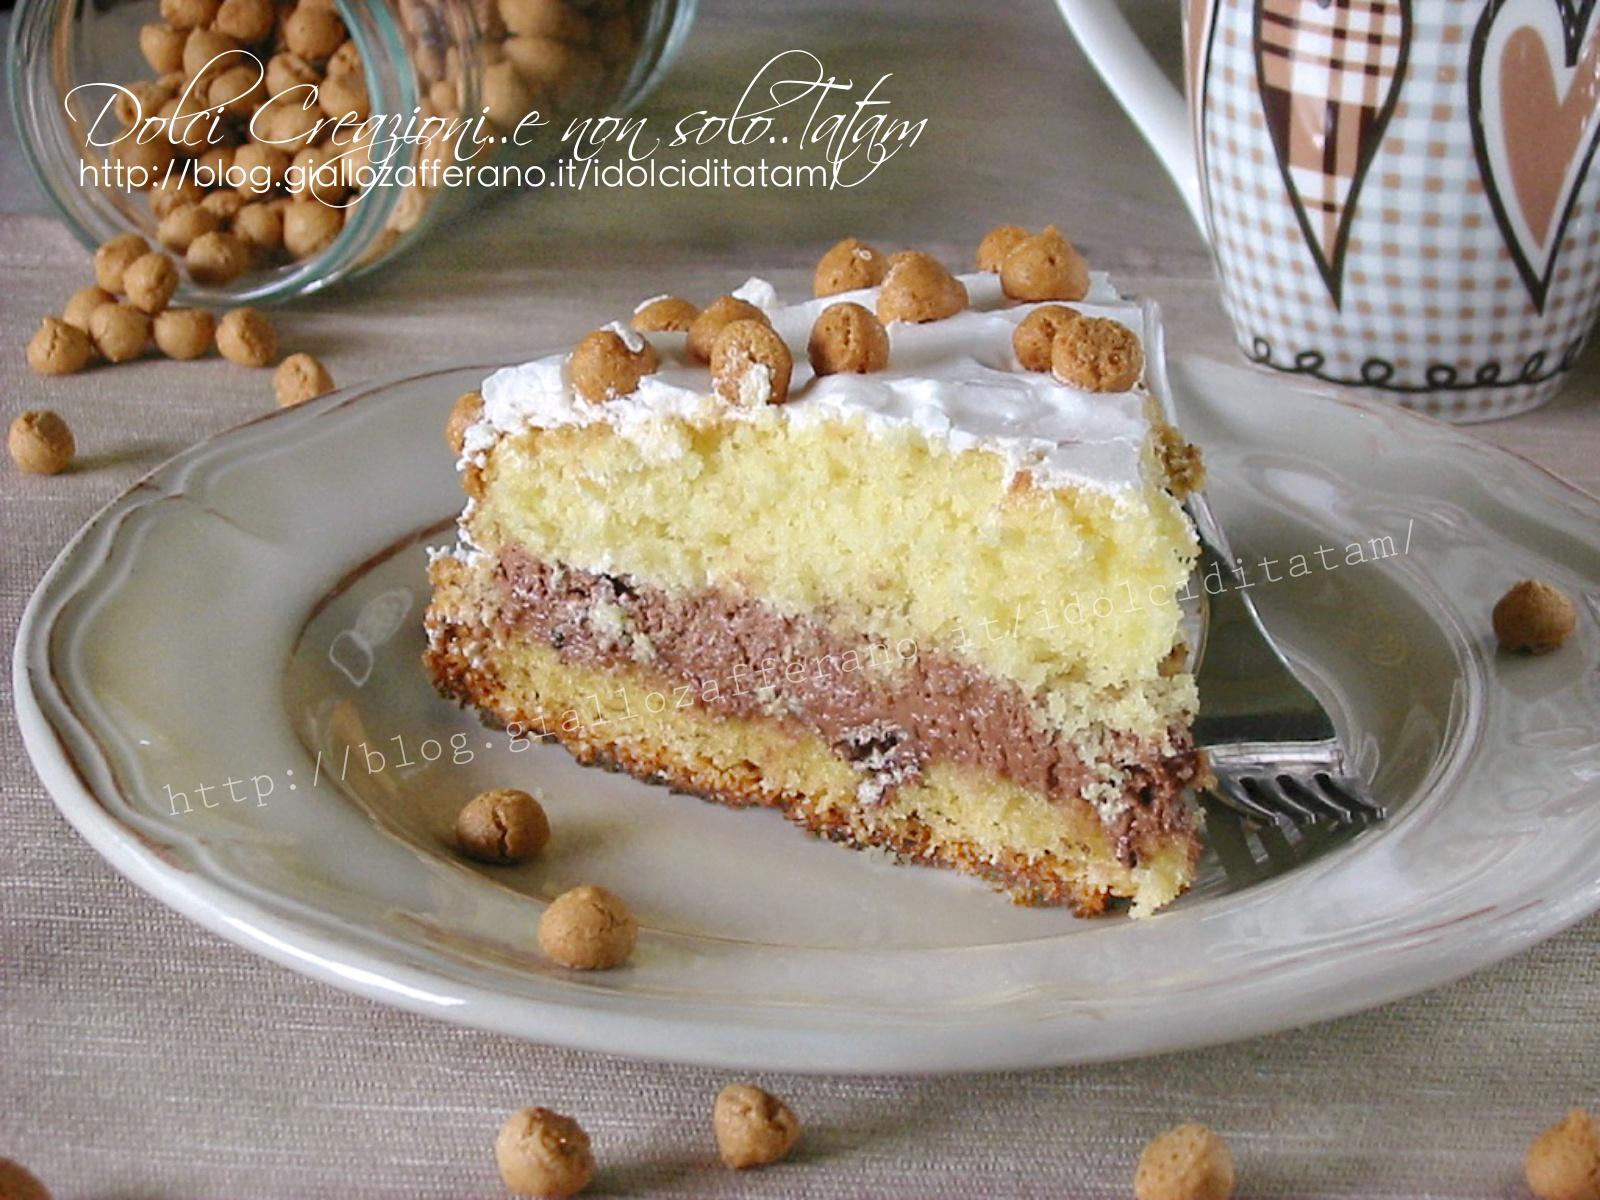 Torta nutella wafer e amaretto morbida e delicata - Bagno per torte senza liquore ...